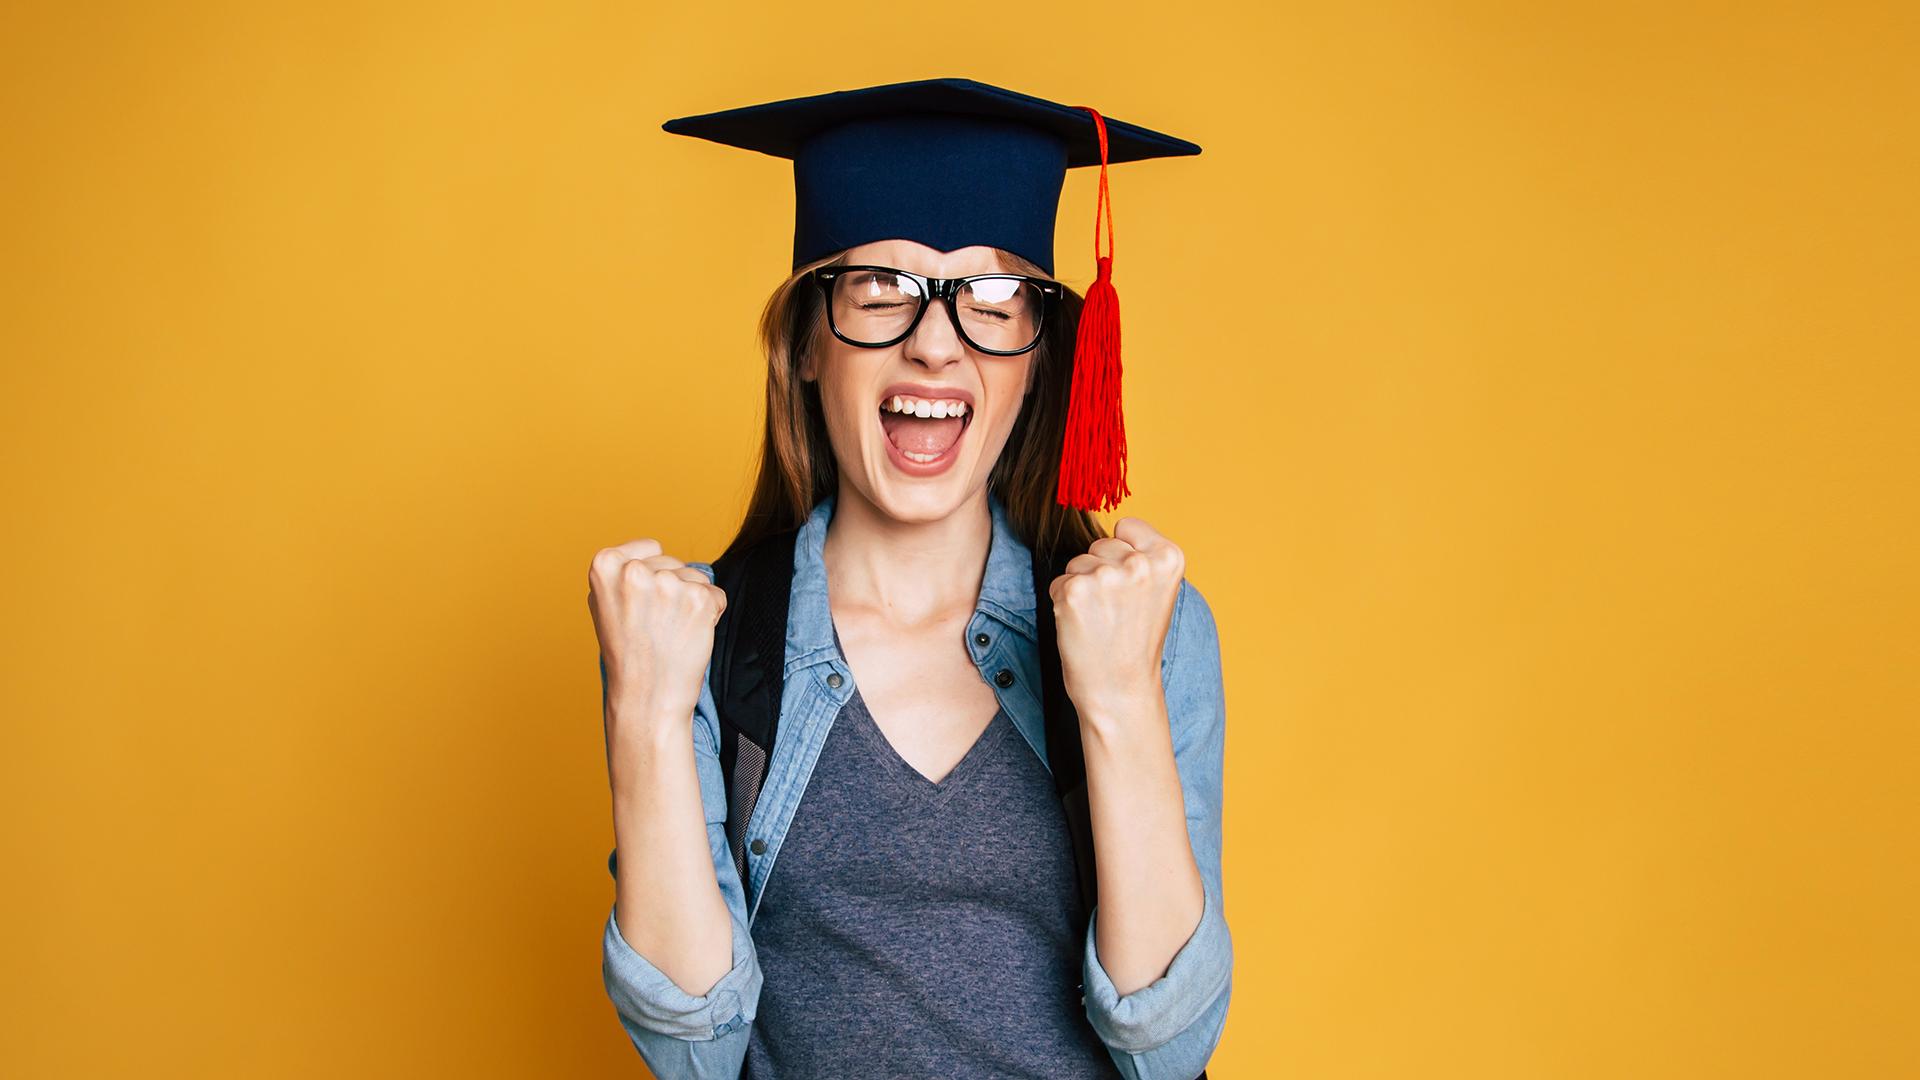 Lerncoaching und Gedächtnistraining in Salzburg: Glückliche Studentin beim Abschluss ihrer Ausbildung/Schule